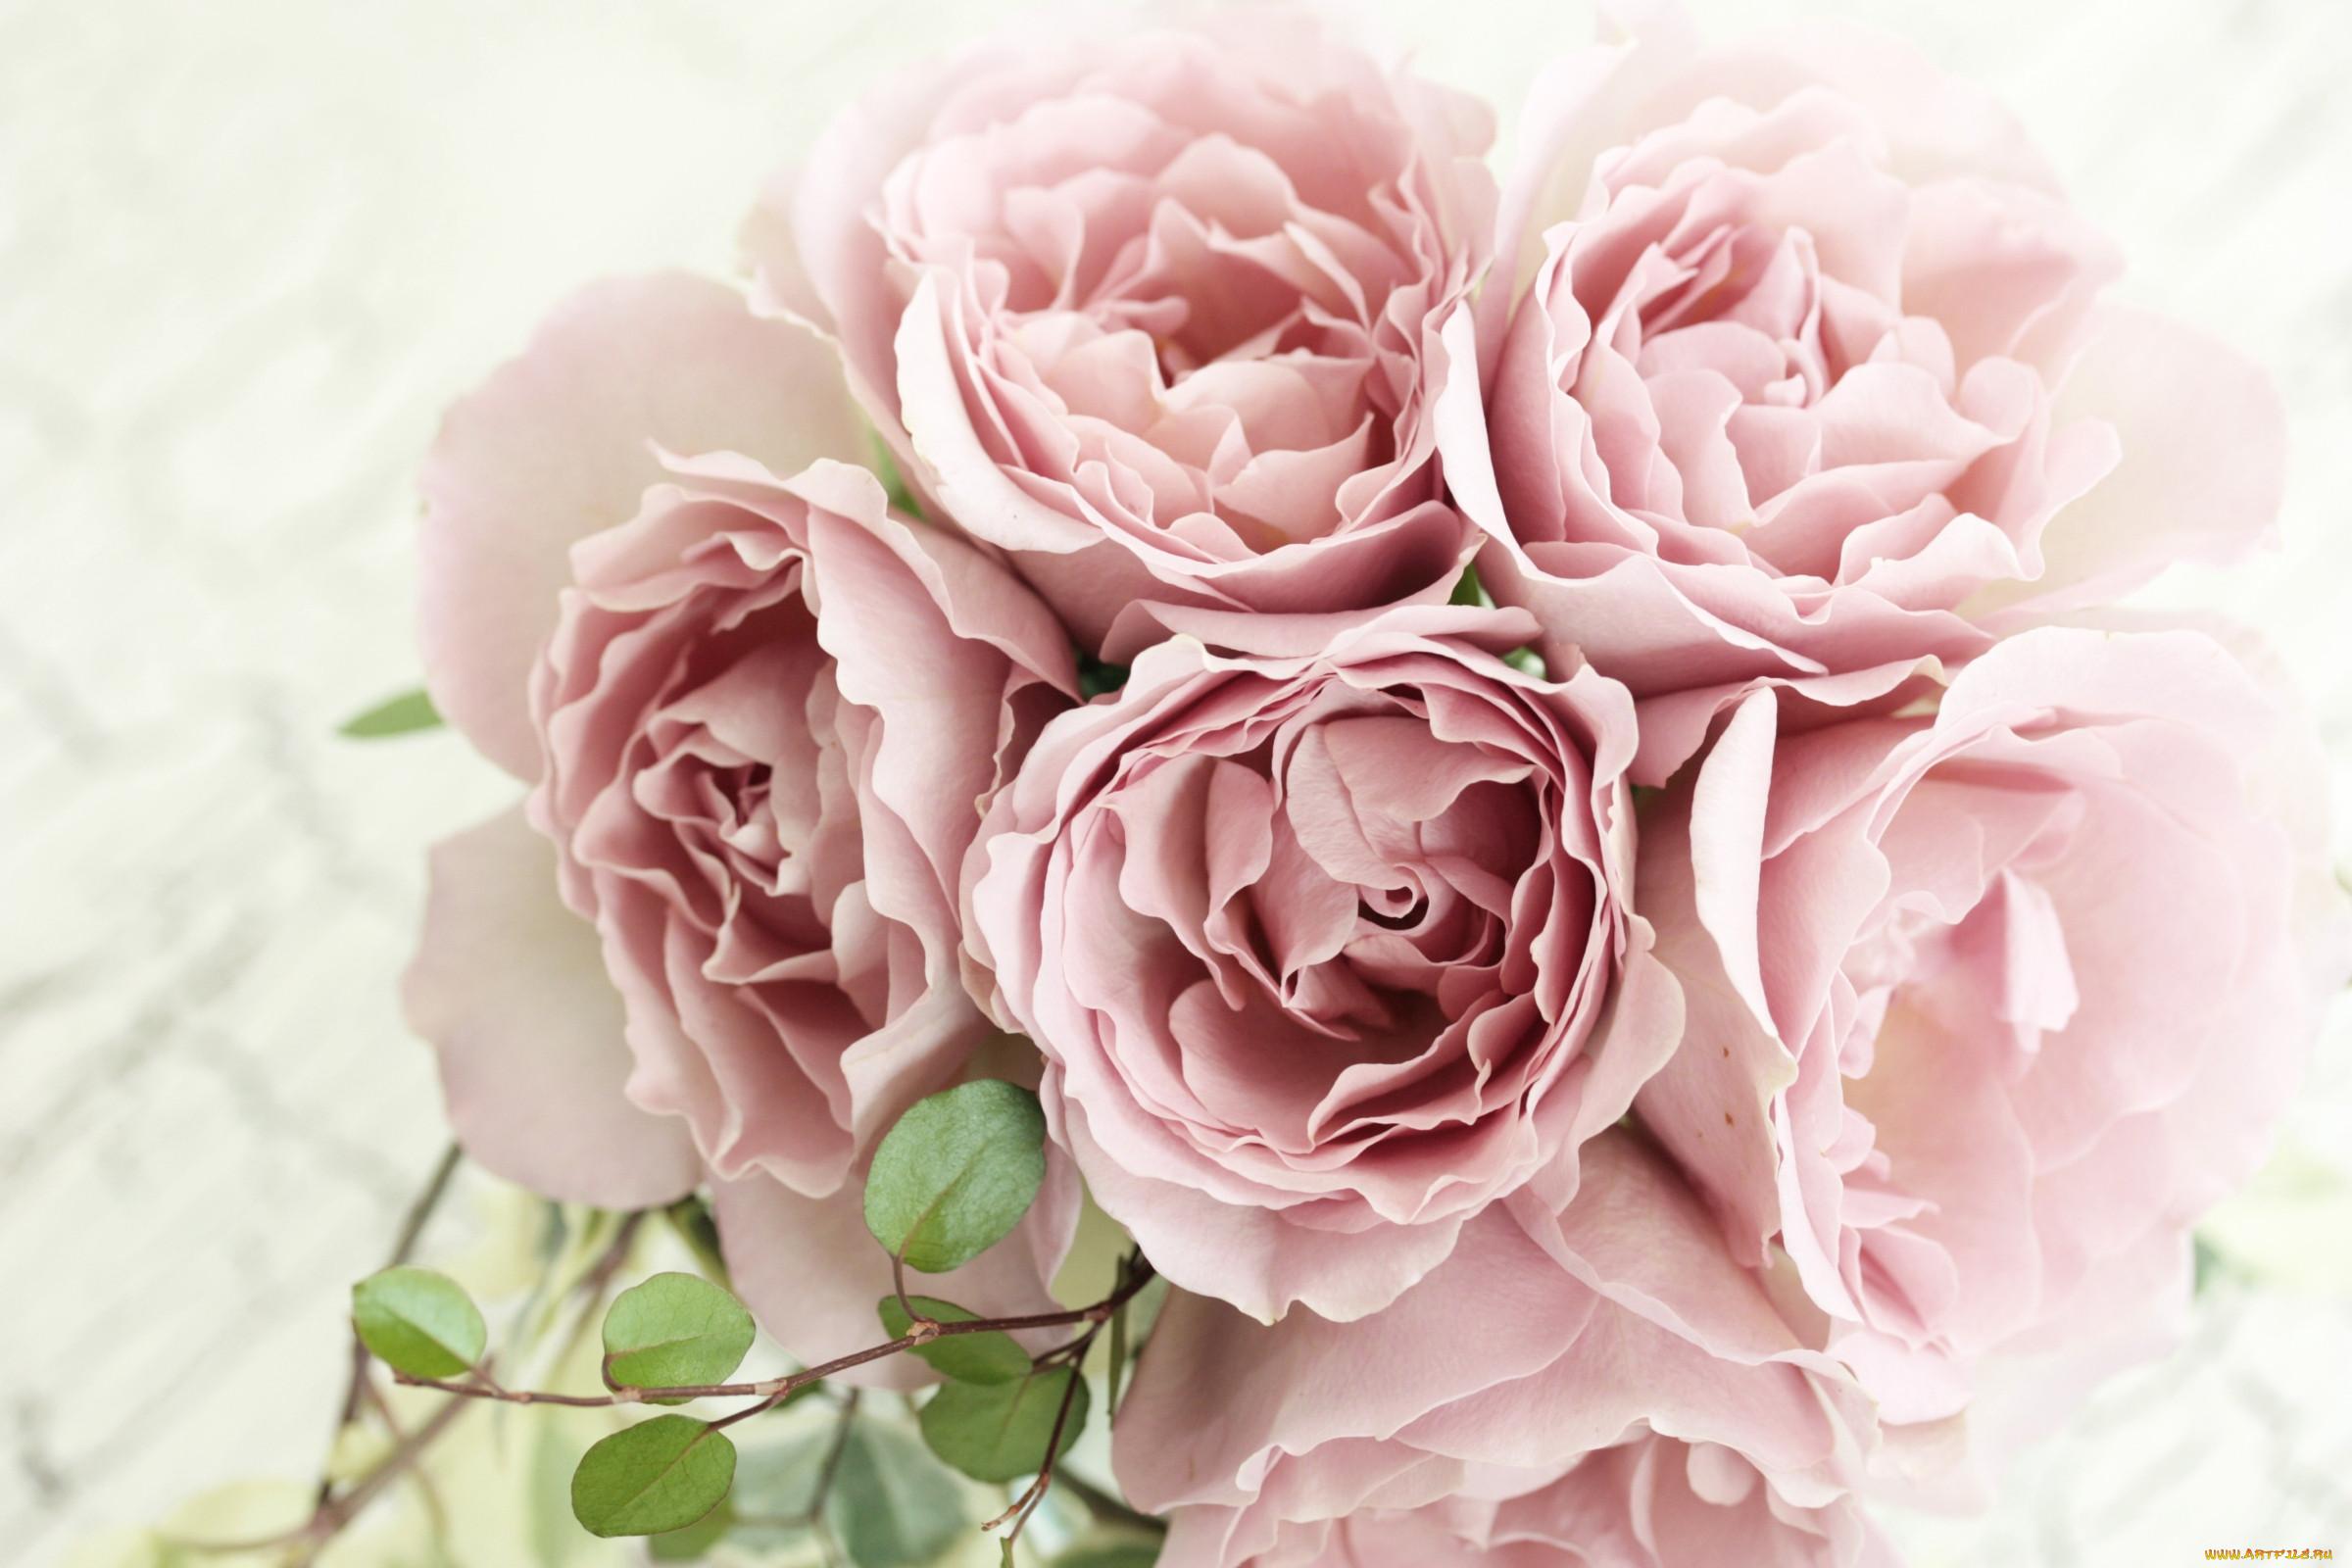 Цветы Розы, обои для рабочего стола ...: www.artfile.ru/i.php?i=680469&res=2400x1600